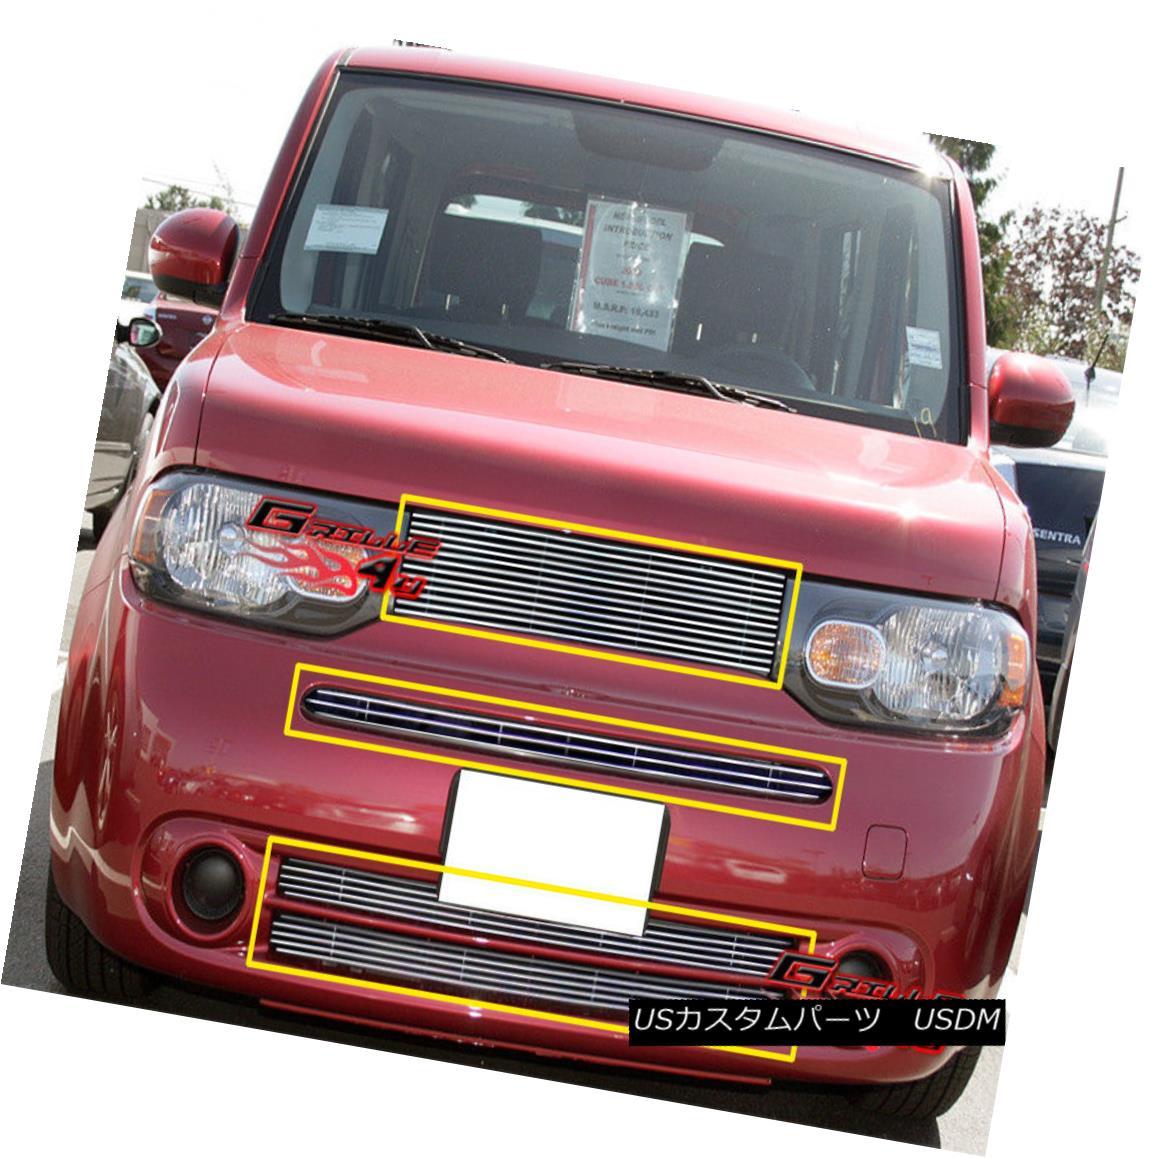 グリル Fits 2009-2014 Nissan Cube Billet Grille Grill Insert Combo フィット2009-2014日産キューブビレットグリルグリルインサートコンボ